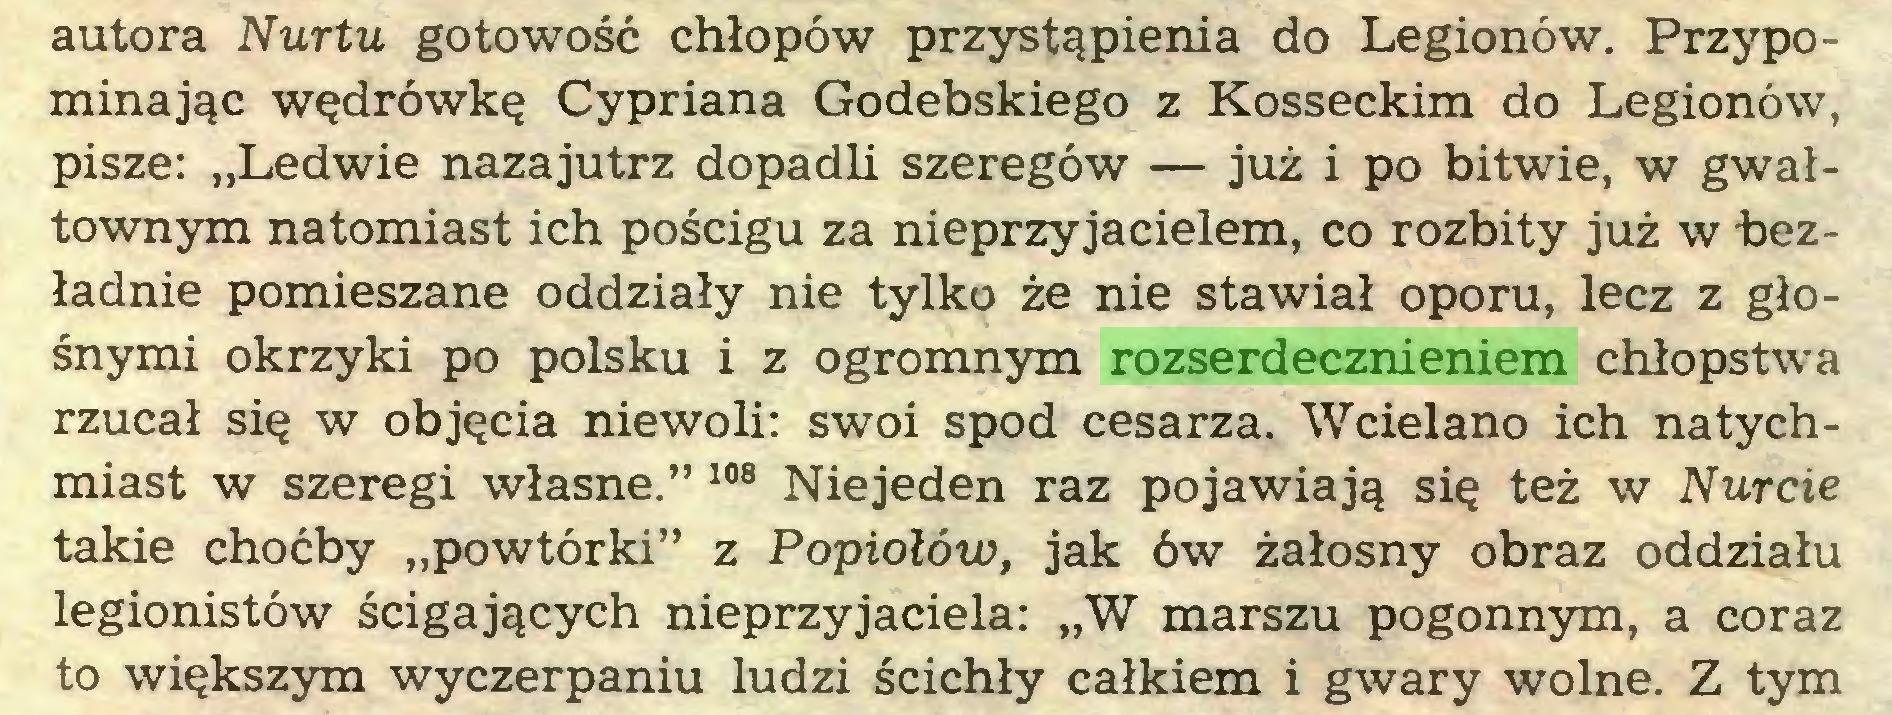 """(...) autora Nurtu gotowość chłopów przystąpienia do Legionów. Przypominając wędrówkę Cypriana Godebskiego z Kosseckim do Legionów, pisze: """"Ledwie nazajutrz dopadli szeregów — już i po bitwie, w gwałtownym natomiast ich pościgu za nieprzyjacielem, co rozbity już w bezładnie pomieszane oddziały nie tylko że nie stawiał oporu, lecz z głośnymi okrzyki po polsku i z ogromnym rozserdecznieniem chłopstwa rzucał się w objęcia niewoli: swoi spod cesarza. Wcielano ich natychmiast w szeregi własne."""" 108 Niejeden raz pojawiają się też w Nurcie takie choćby """"powtórki"""" z Popiołów, jak ów żałosny obraz oddziału legionistów ścigających nieprzyjaciela: """"W marszu pogonnym, a coraz to większym wyczerpaniu ludzi ścichły całkiem i gwary wolne. Z tym..."""